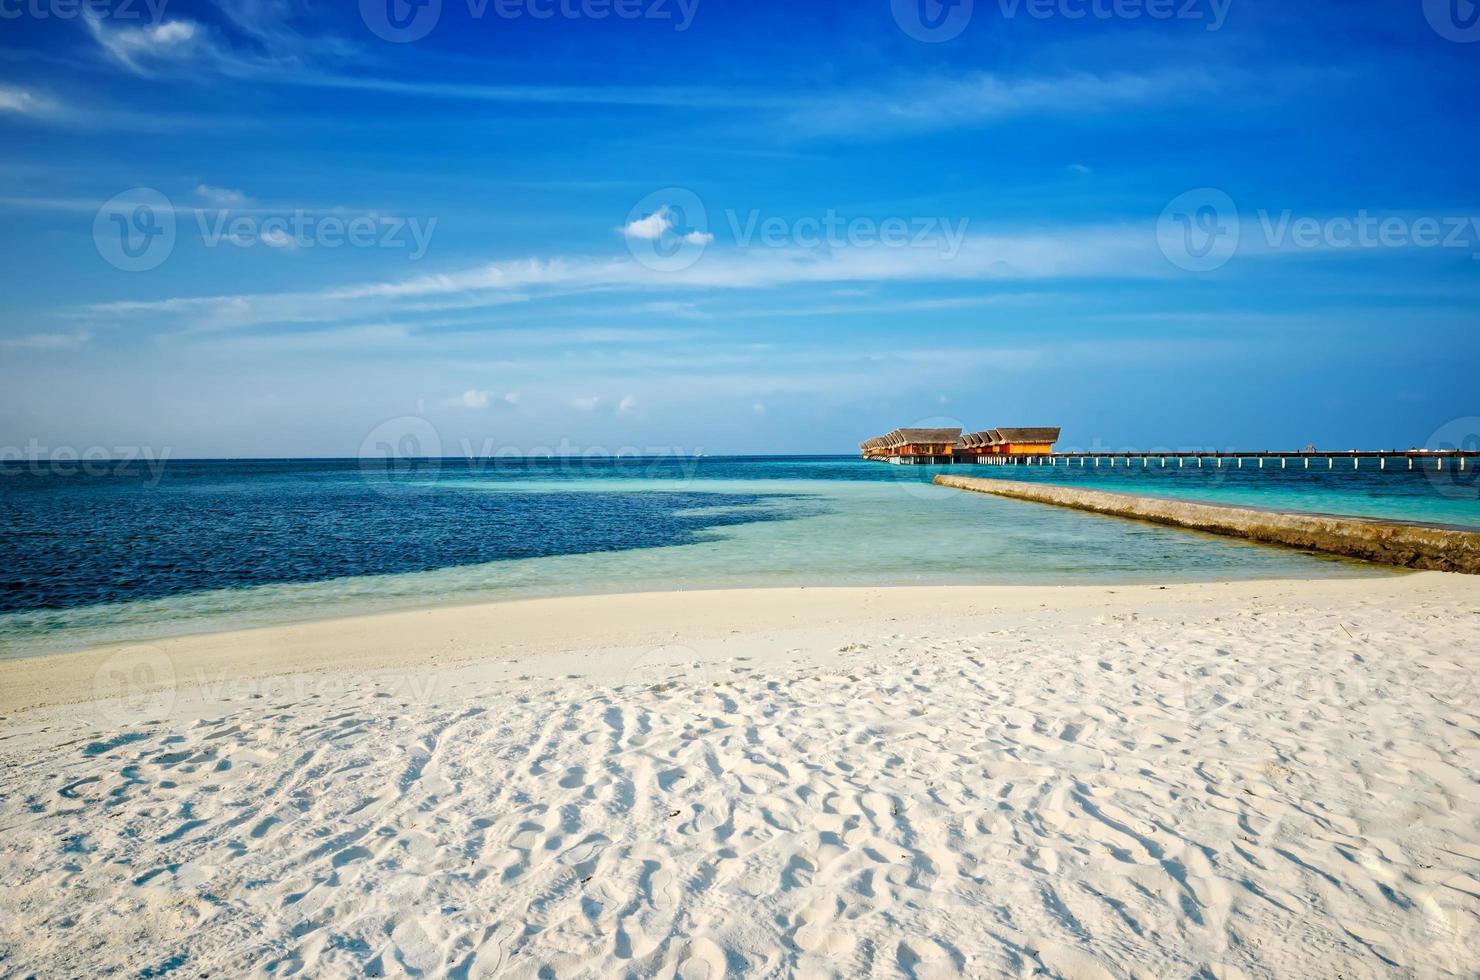 ville sulla spiaggia maldive foto